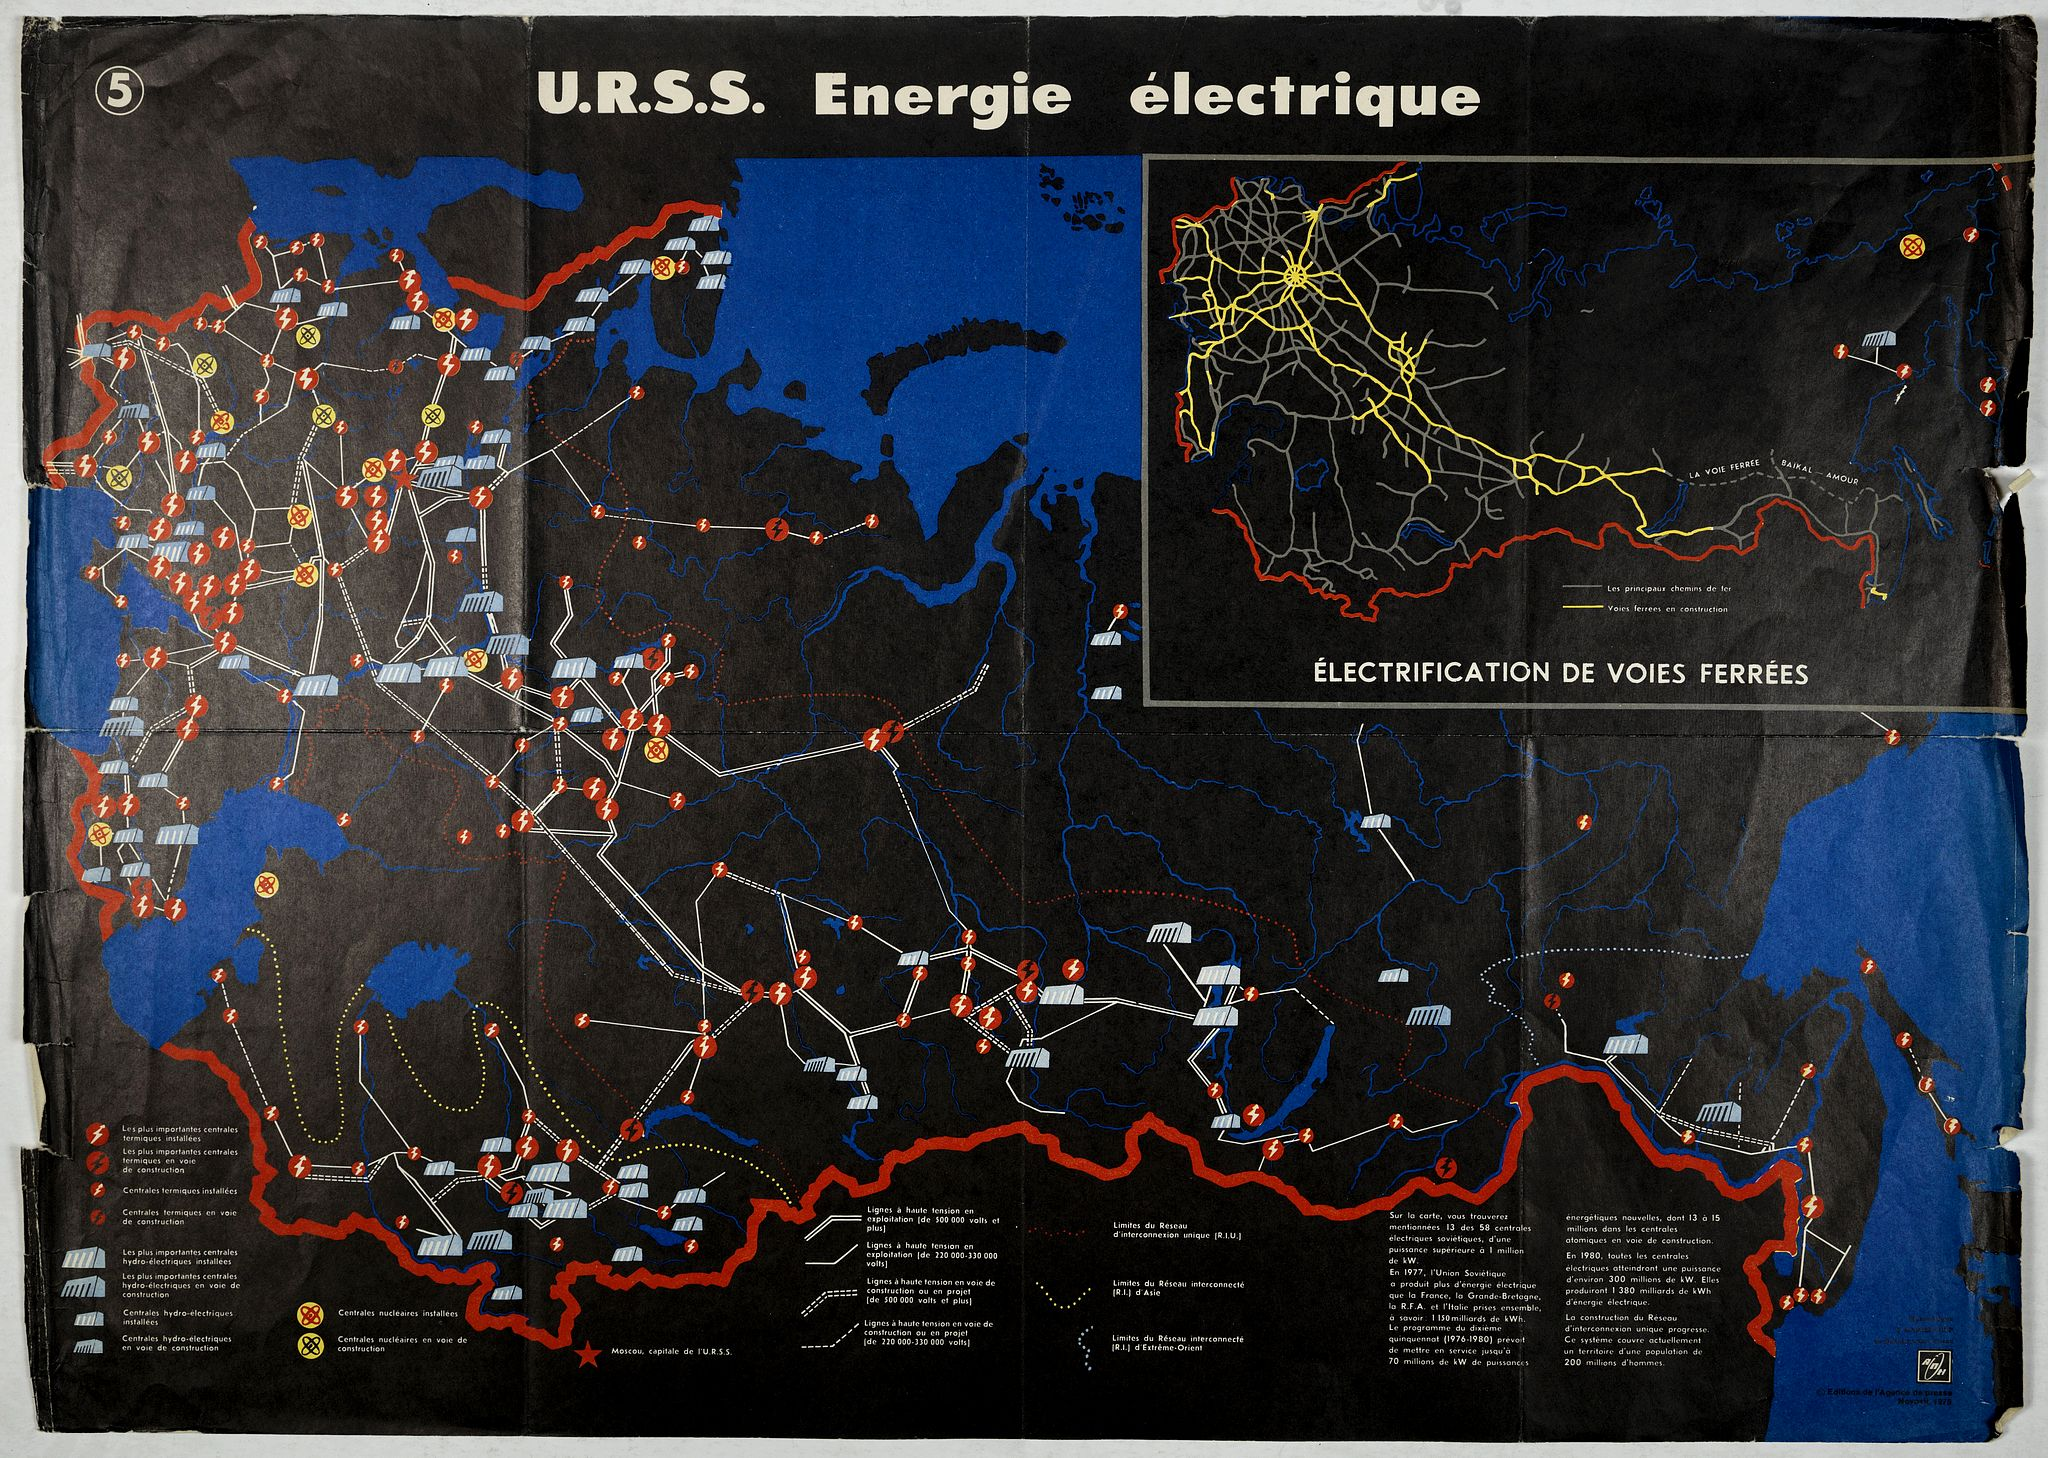 AGENCE DE PRESSE NOVOSTI -  U.R.S.S. Energie Eléctrique. (5)